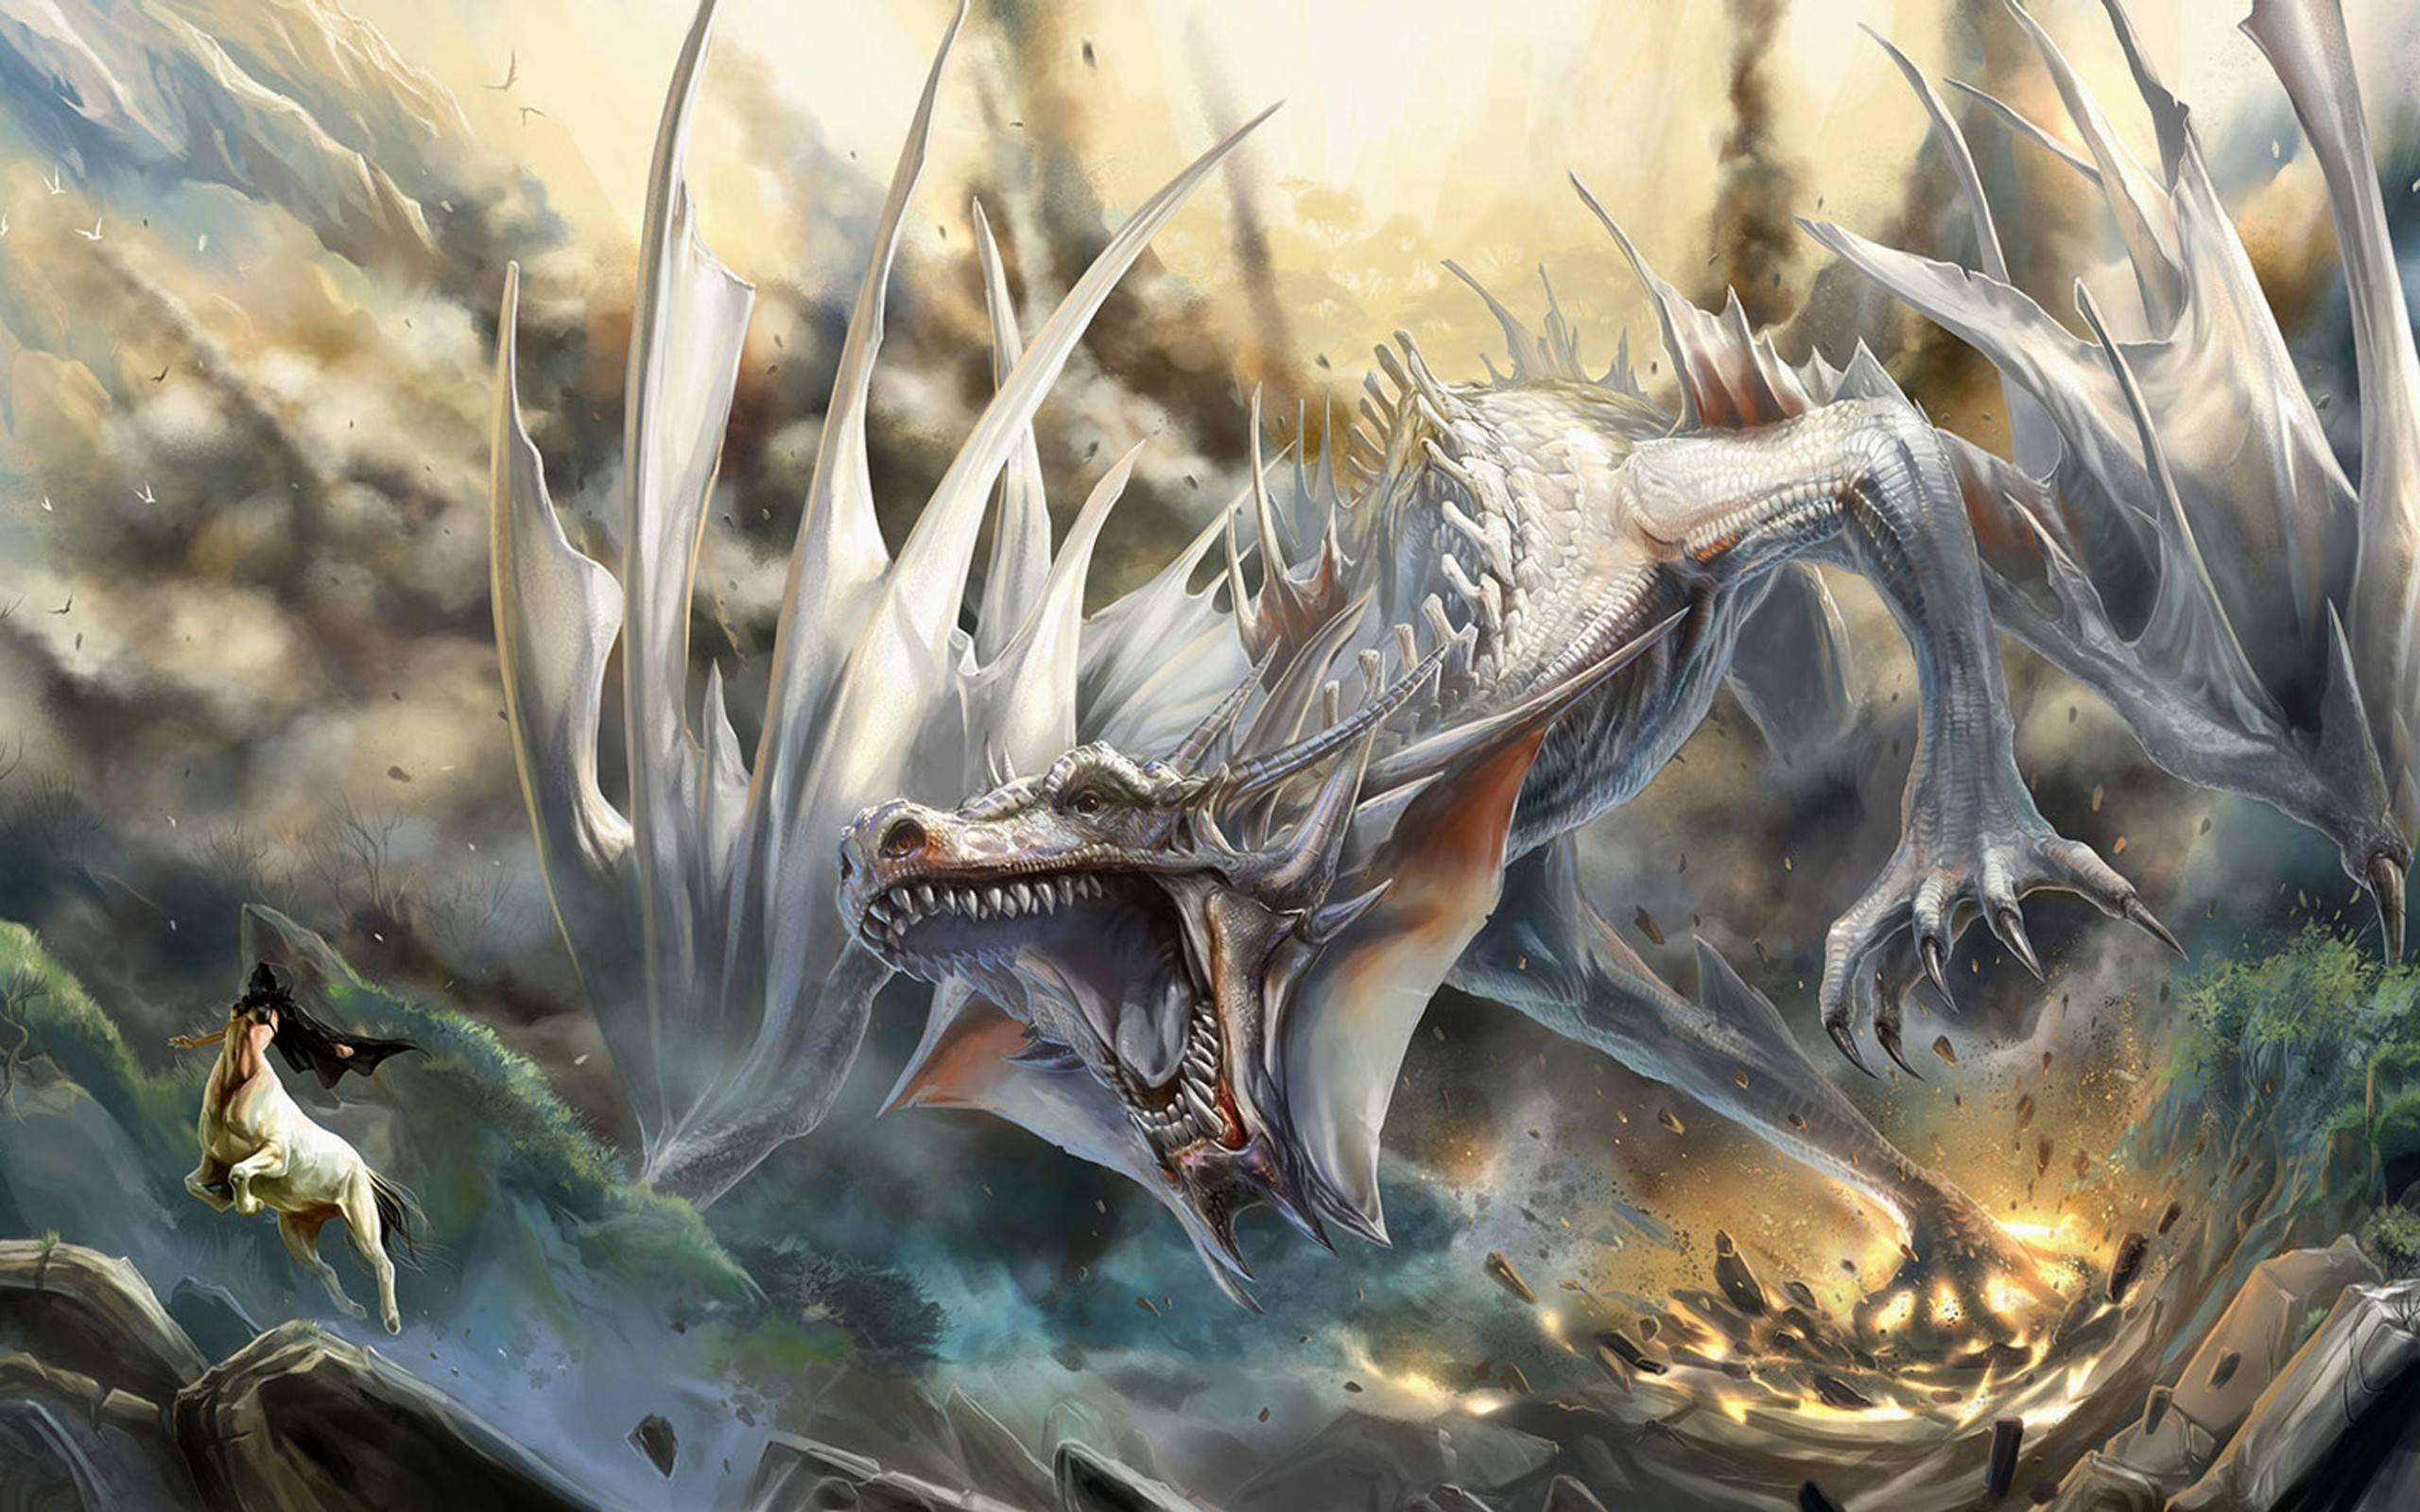 盘点斗罗大陆最可怕五大龙属性魂兽,帝天倒数,九大龙王仅排第二!